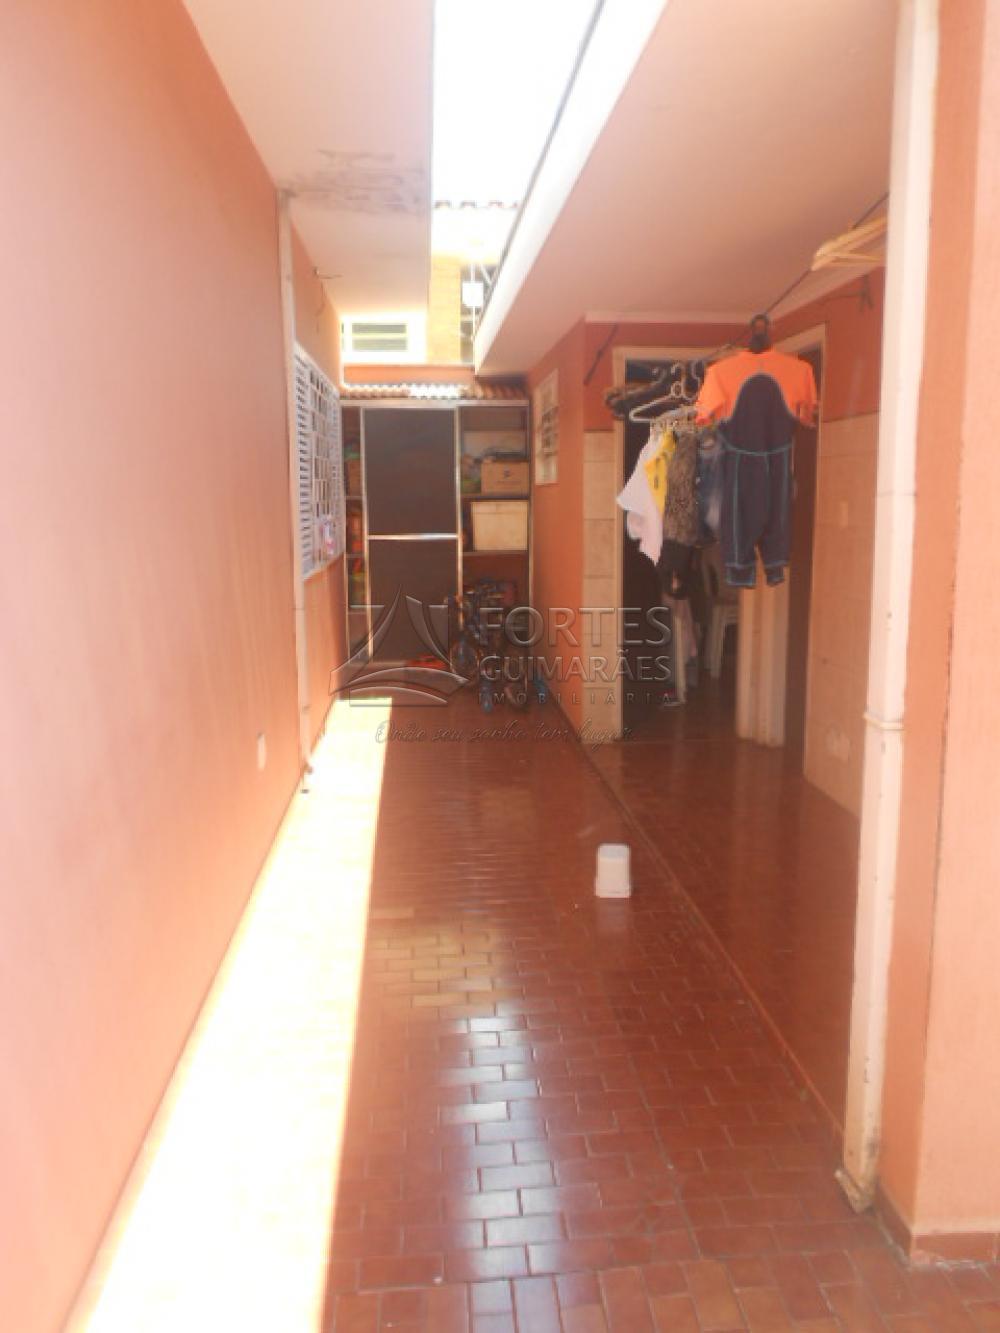 Alugar Casas / Padrão em Ribeirão Preto apenas R$ 2.000,00 - Foto 33